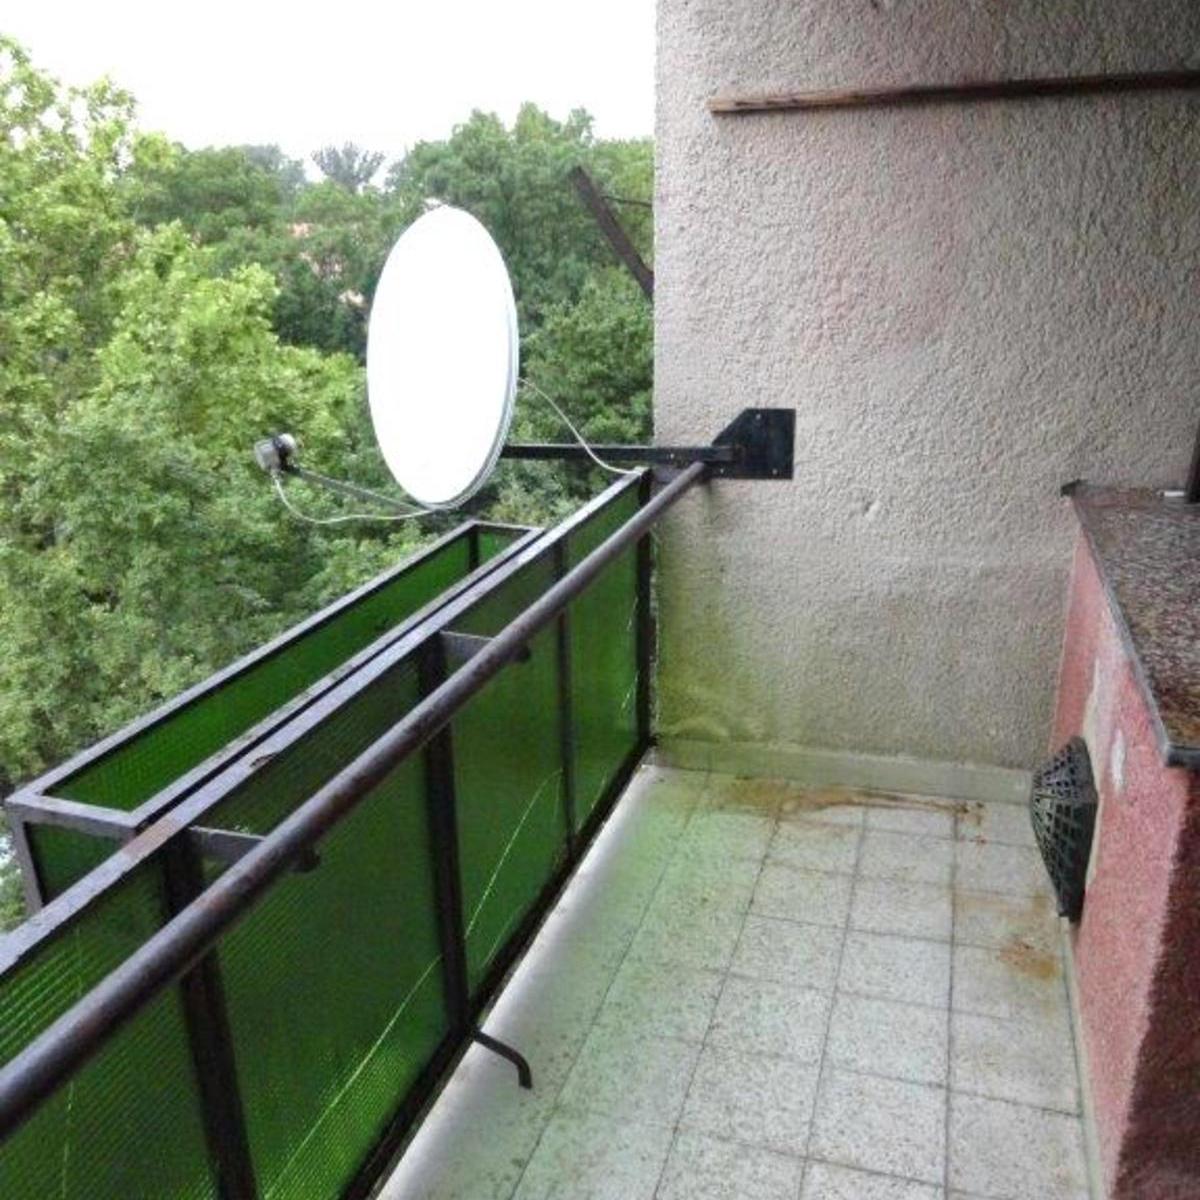 Eladó  téglalakás (Jász-Nagykun-Szolnok megye, Martfű, Ifjuság utca) 5 M  Ft